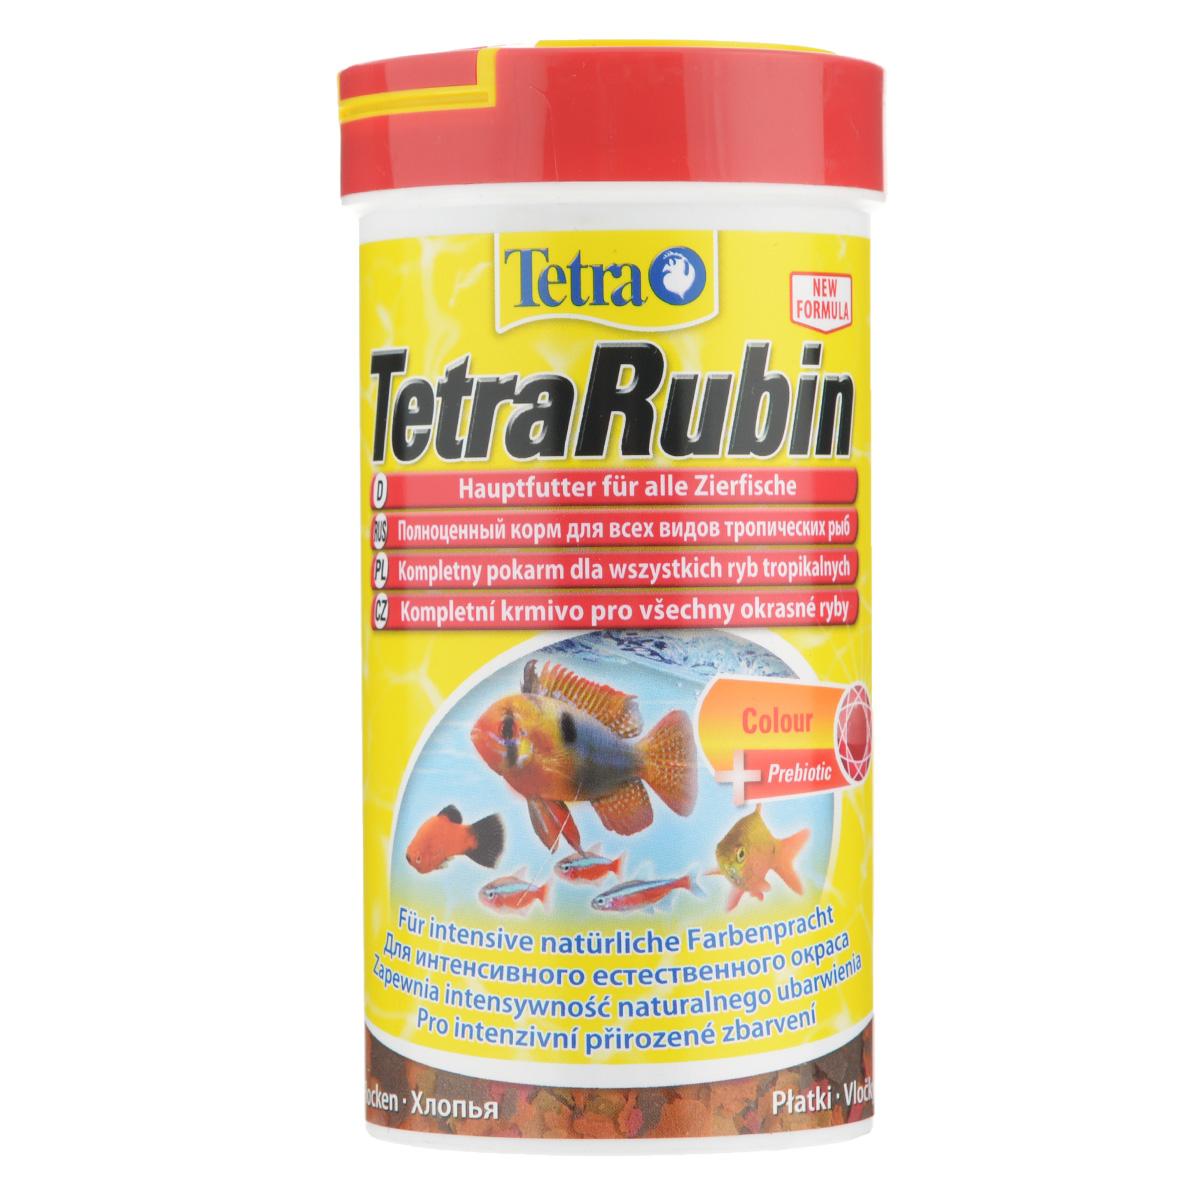 Корм TetraRubin для всех видов аквариумных тропических рыб, в виде хлопьев, 250767362Корм TetraRubin - это биологически сбалансированный корм для здоровья и красоты рыб. Превосходная смесь хлопьев со специальным комплексом усилителей цвета обеспечивает полноценное питание рыб и подходит для ежедневного кормления. Особенности TetraRubin:высокое содержание усилителей естественного цвета обеспечивает красивый окрас для всех красных, оранжевых и желтых тропических рыб. Рекомендации по кормлению: кормите несколько раз в день маленькими порциями. Характеристики: Состав: рыба и побочные рыбные продукты, экстракты растительного белка, зерновые культуры, дрожжи, моллюски и раки, водоросли, минеральные вещества, масла и жиры, сахар (Олигофруктоза 0,9%).Пищевая ценность: сырой белок - 46%, сырые масла и жиры - 11%, сырая клетчатка - 2%, влага - 6%.Добавки: витамины, провитамины и химические вещества с аналогичным воздействием: витамин А 40820 МЕ/кг, витамин Д3 2320 МЕ/кг. Комбинации микроэлементов: Е5 Марганец 78 мг/кг, Е6 Цинк 46 мг/кг, Е1 Железо 30 мг/кг. Красители, антиоксиданты. Вес: 250 мл (52 г).Товар сертифицирован.